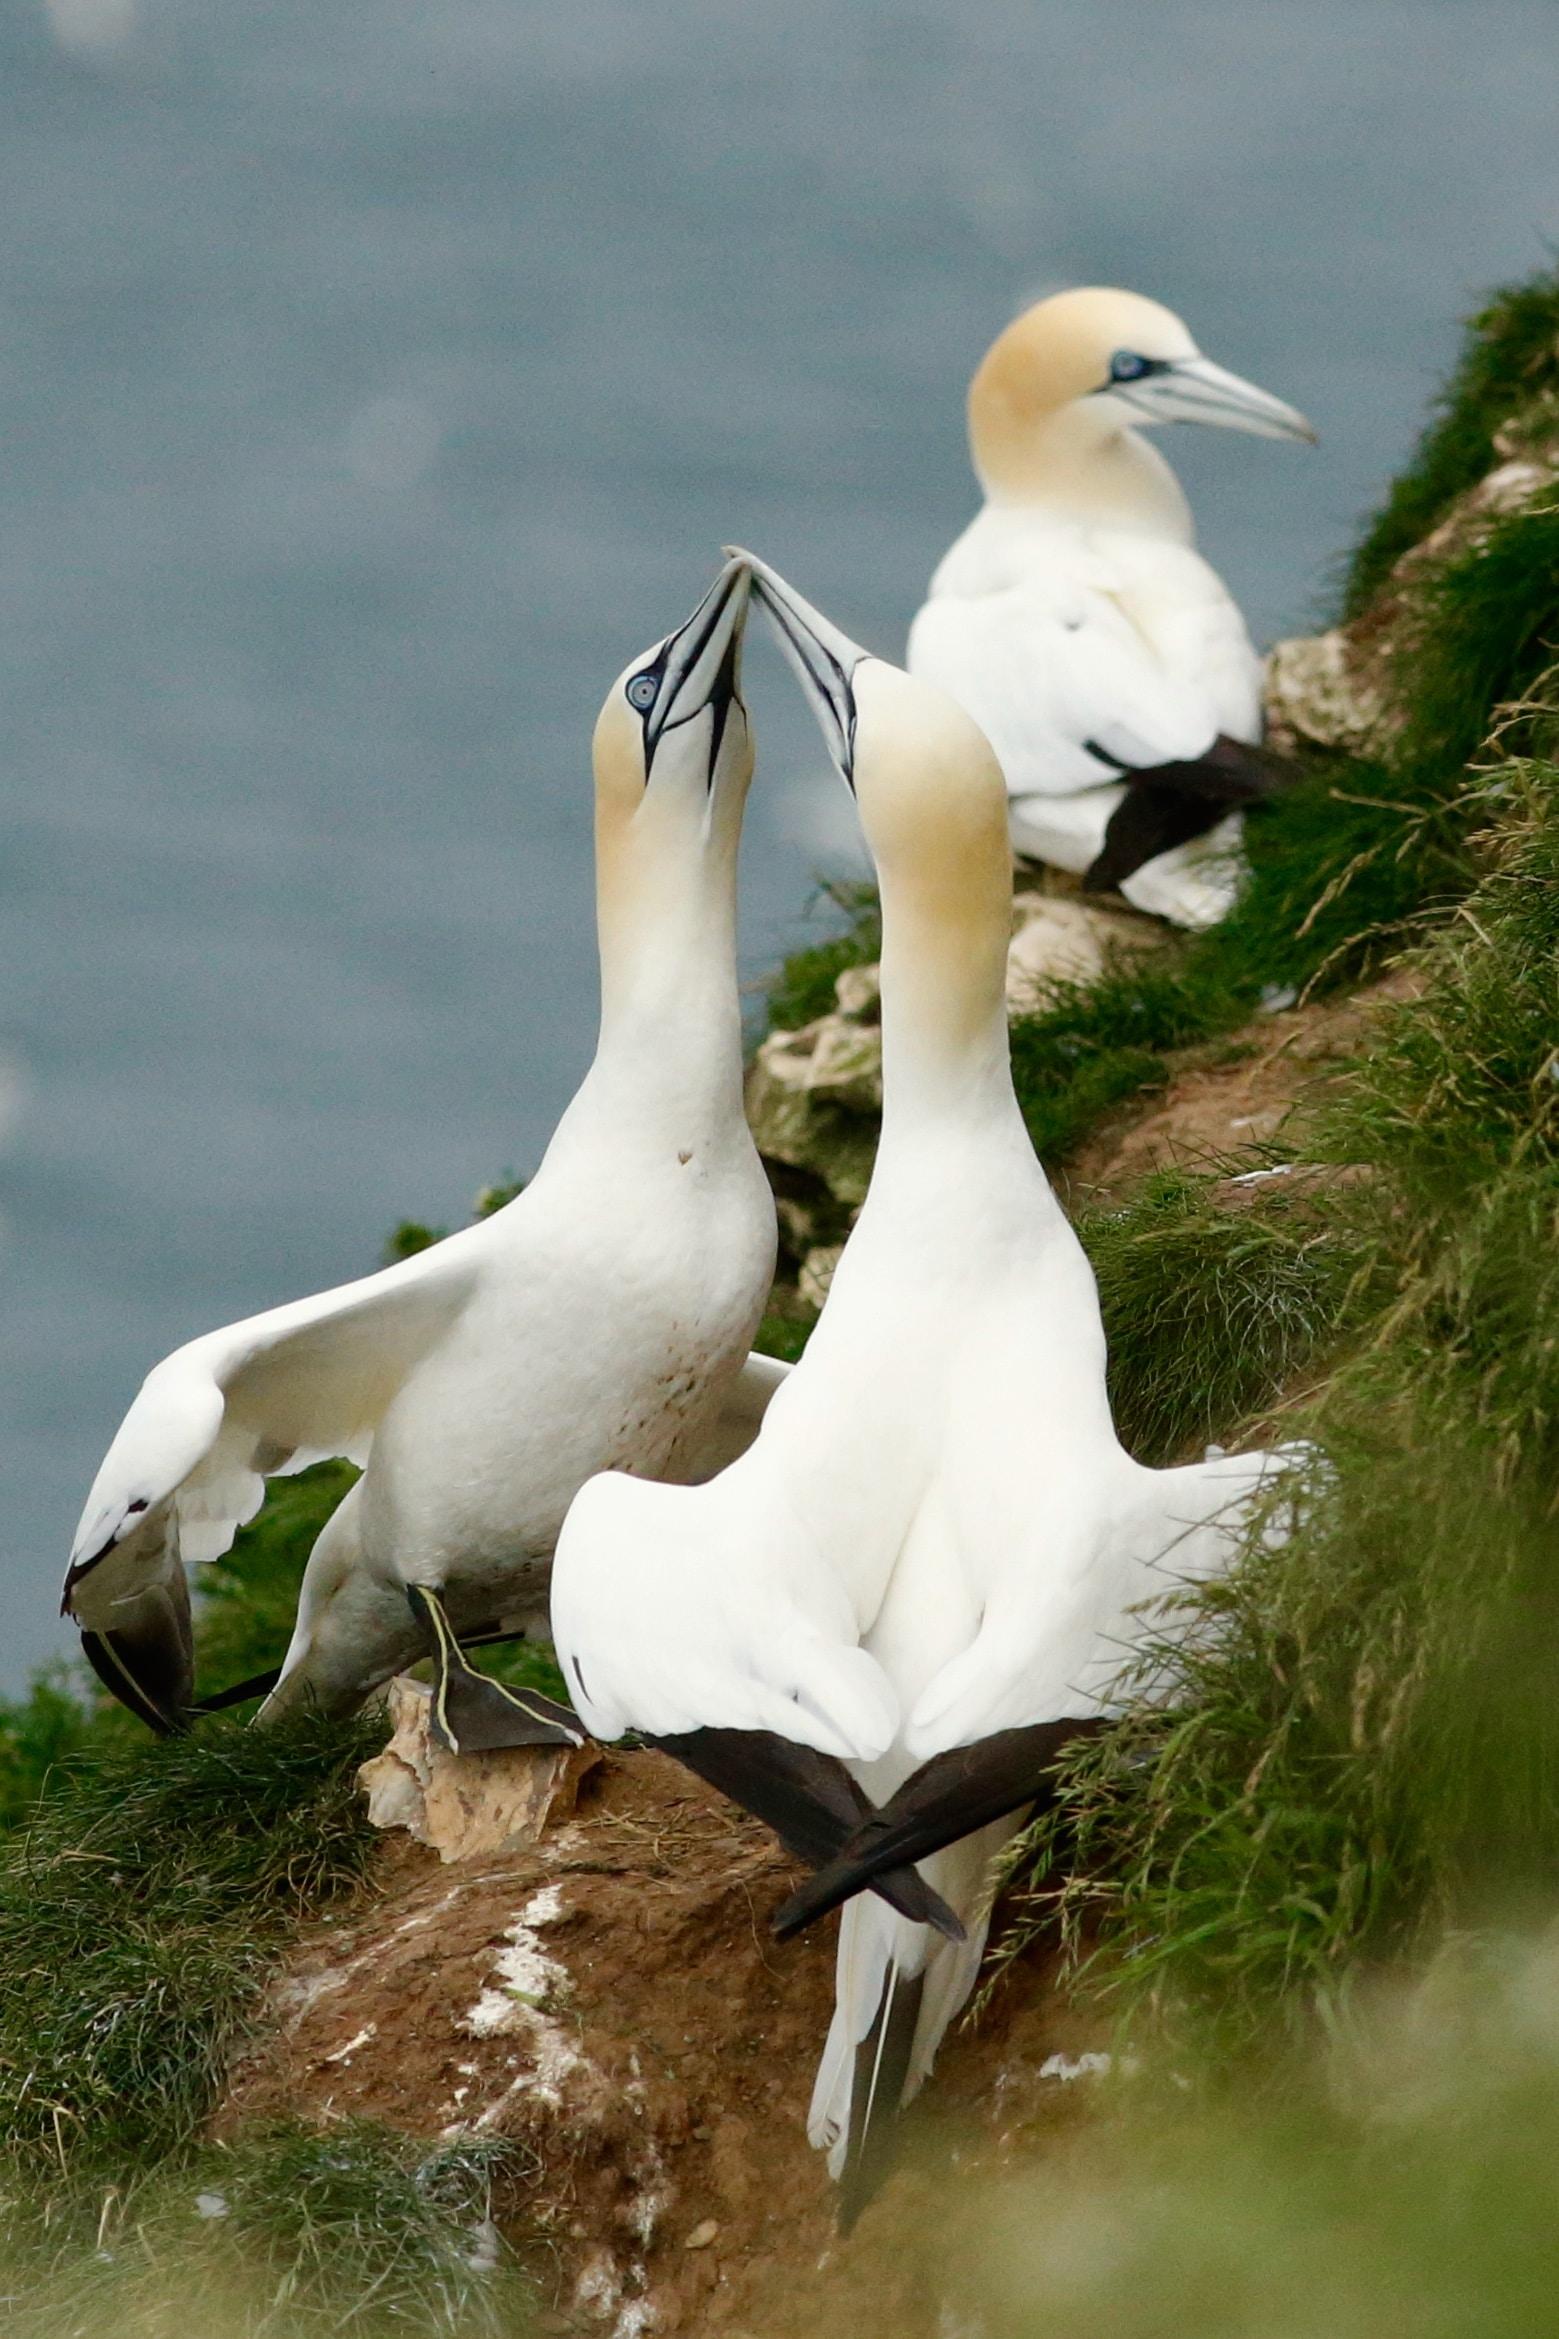 three white birds on grass